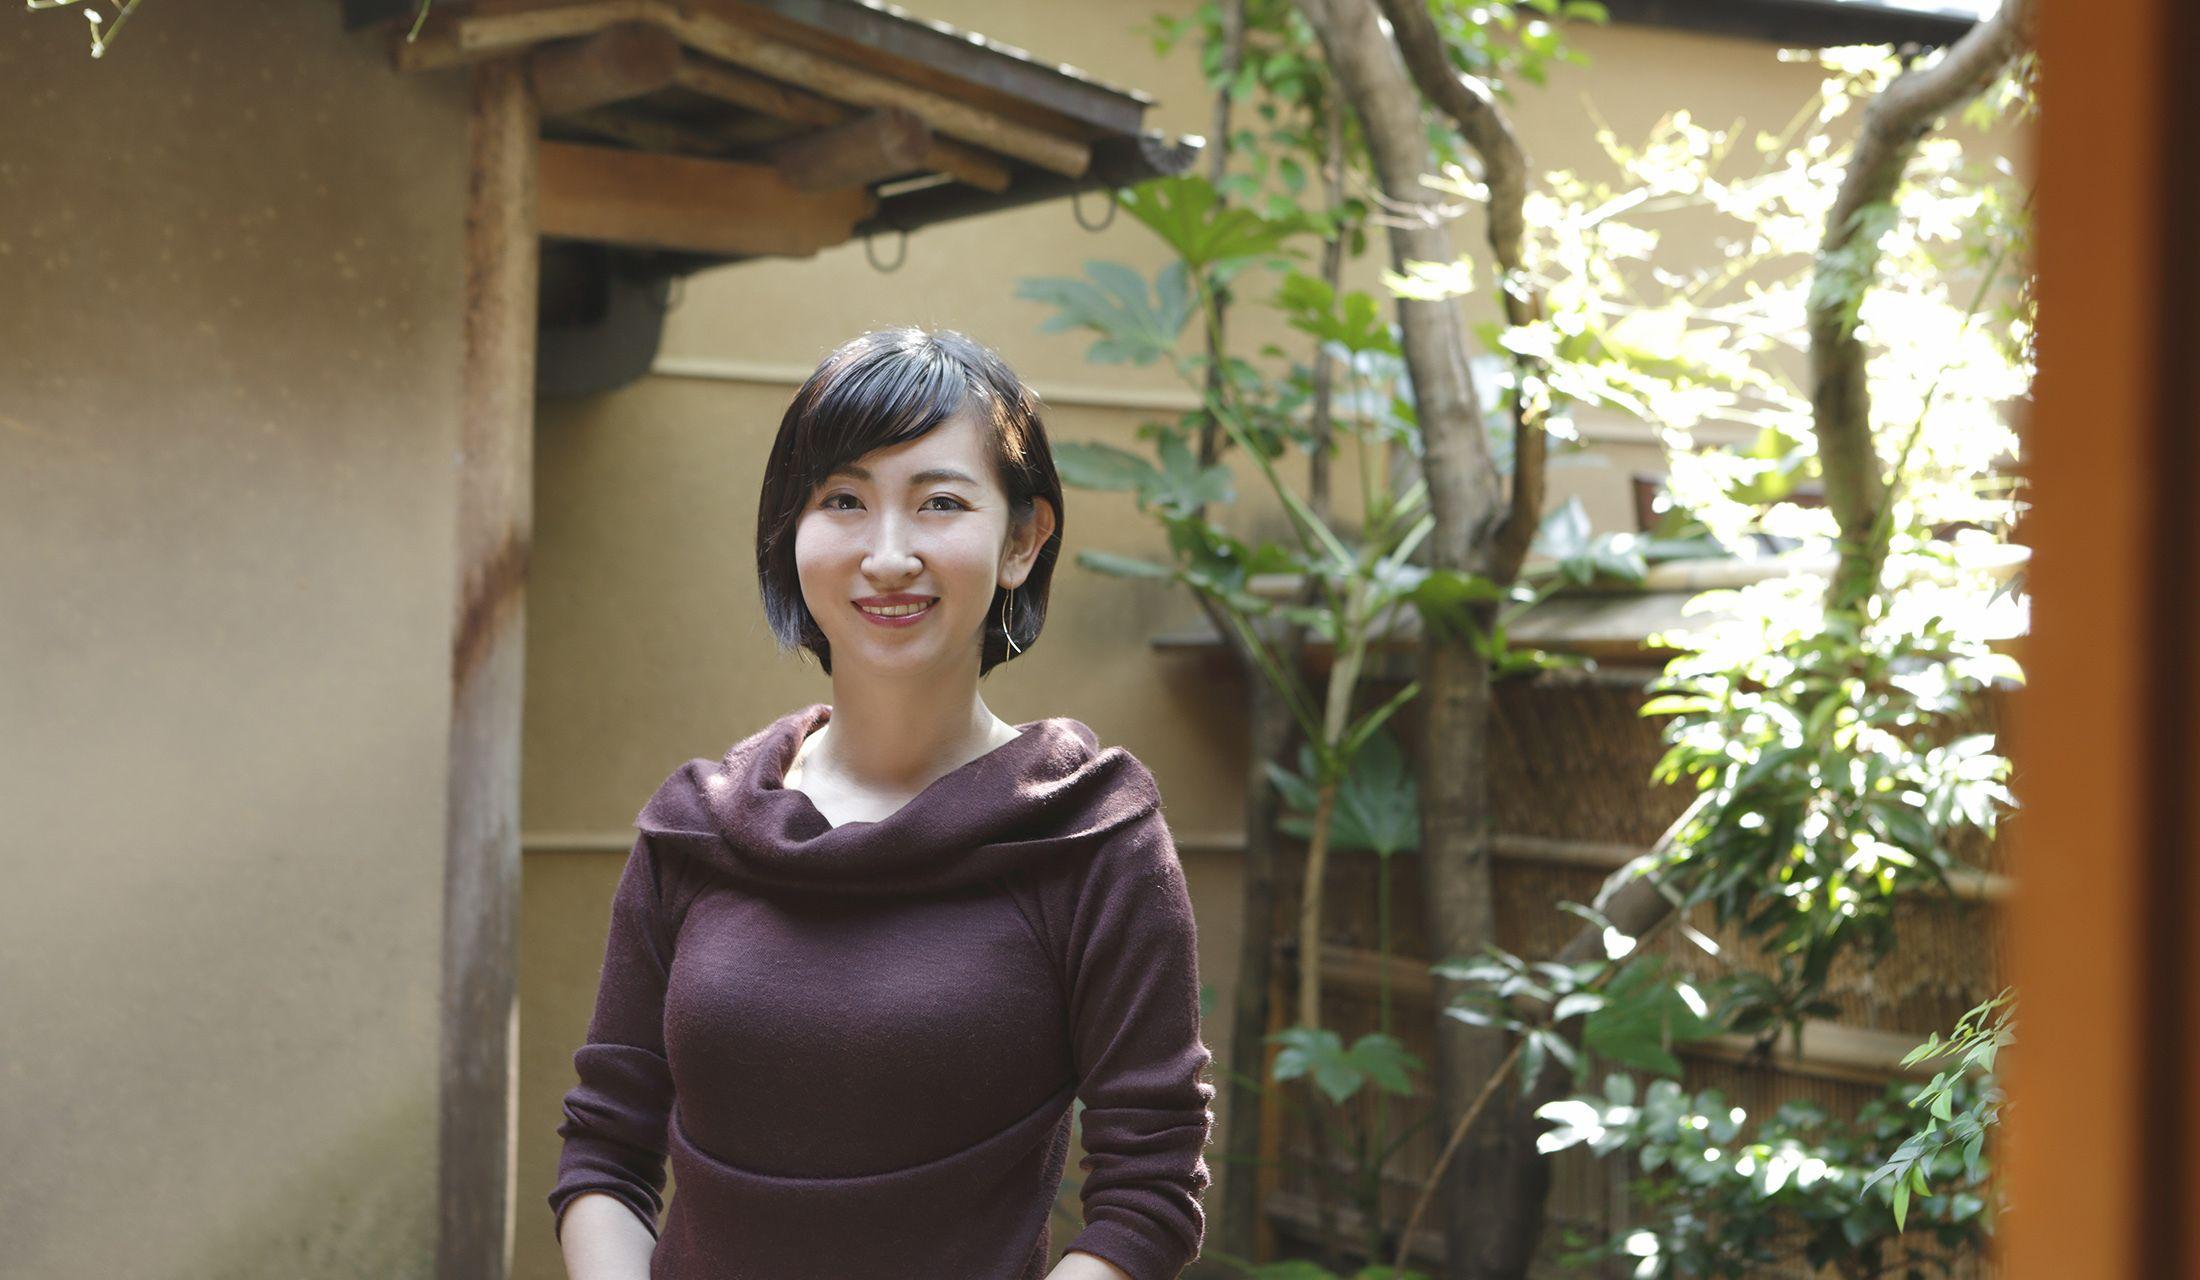 聖護院八ッ橋総本店 専務取締役の鈴鹿可奈子(すずか・かなこ)さん